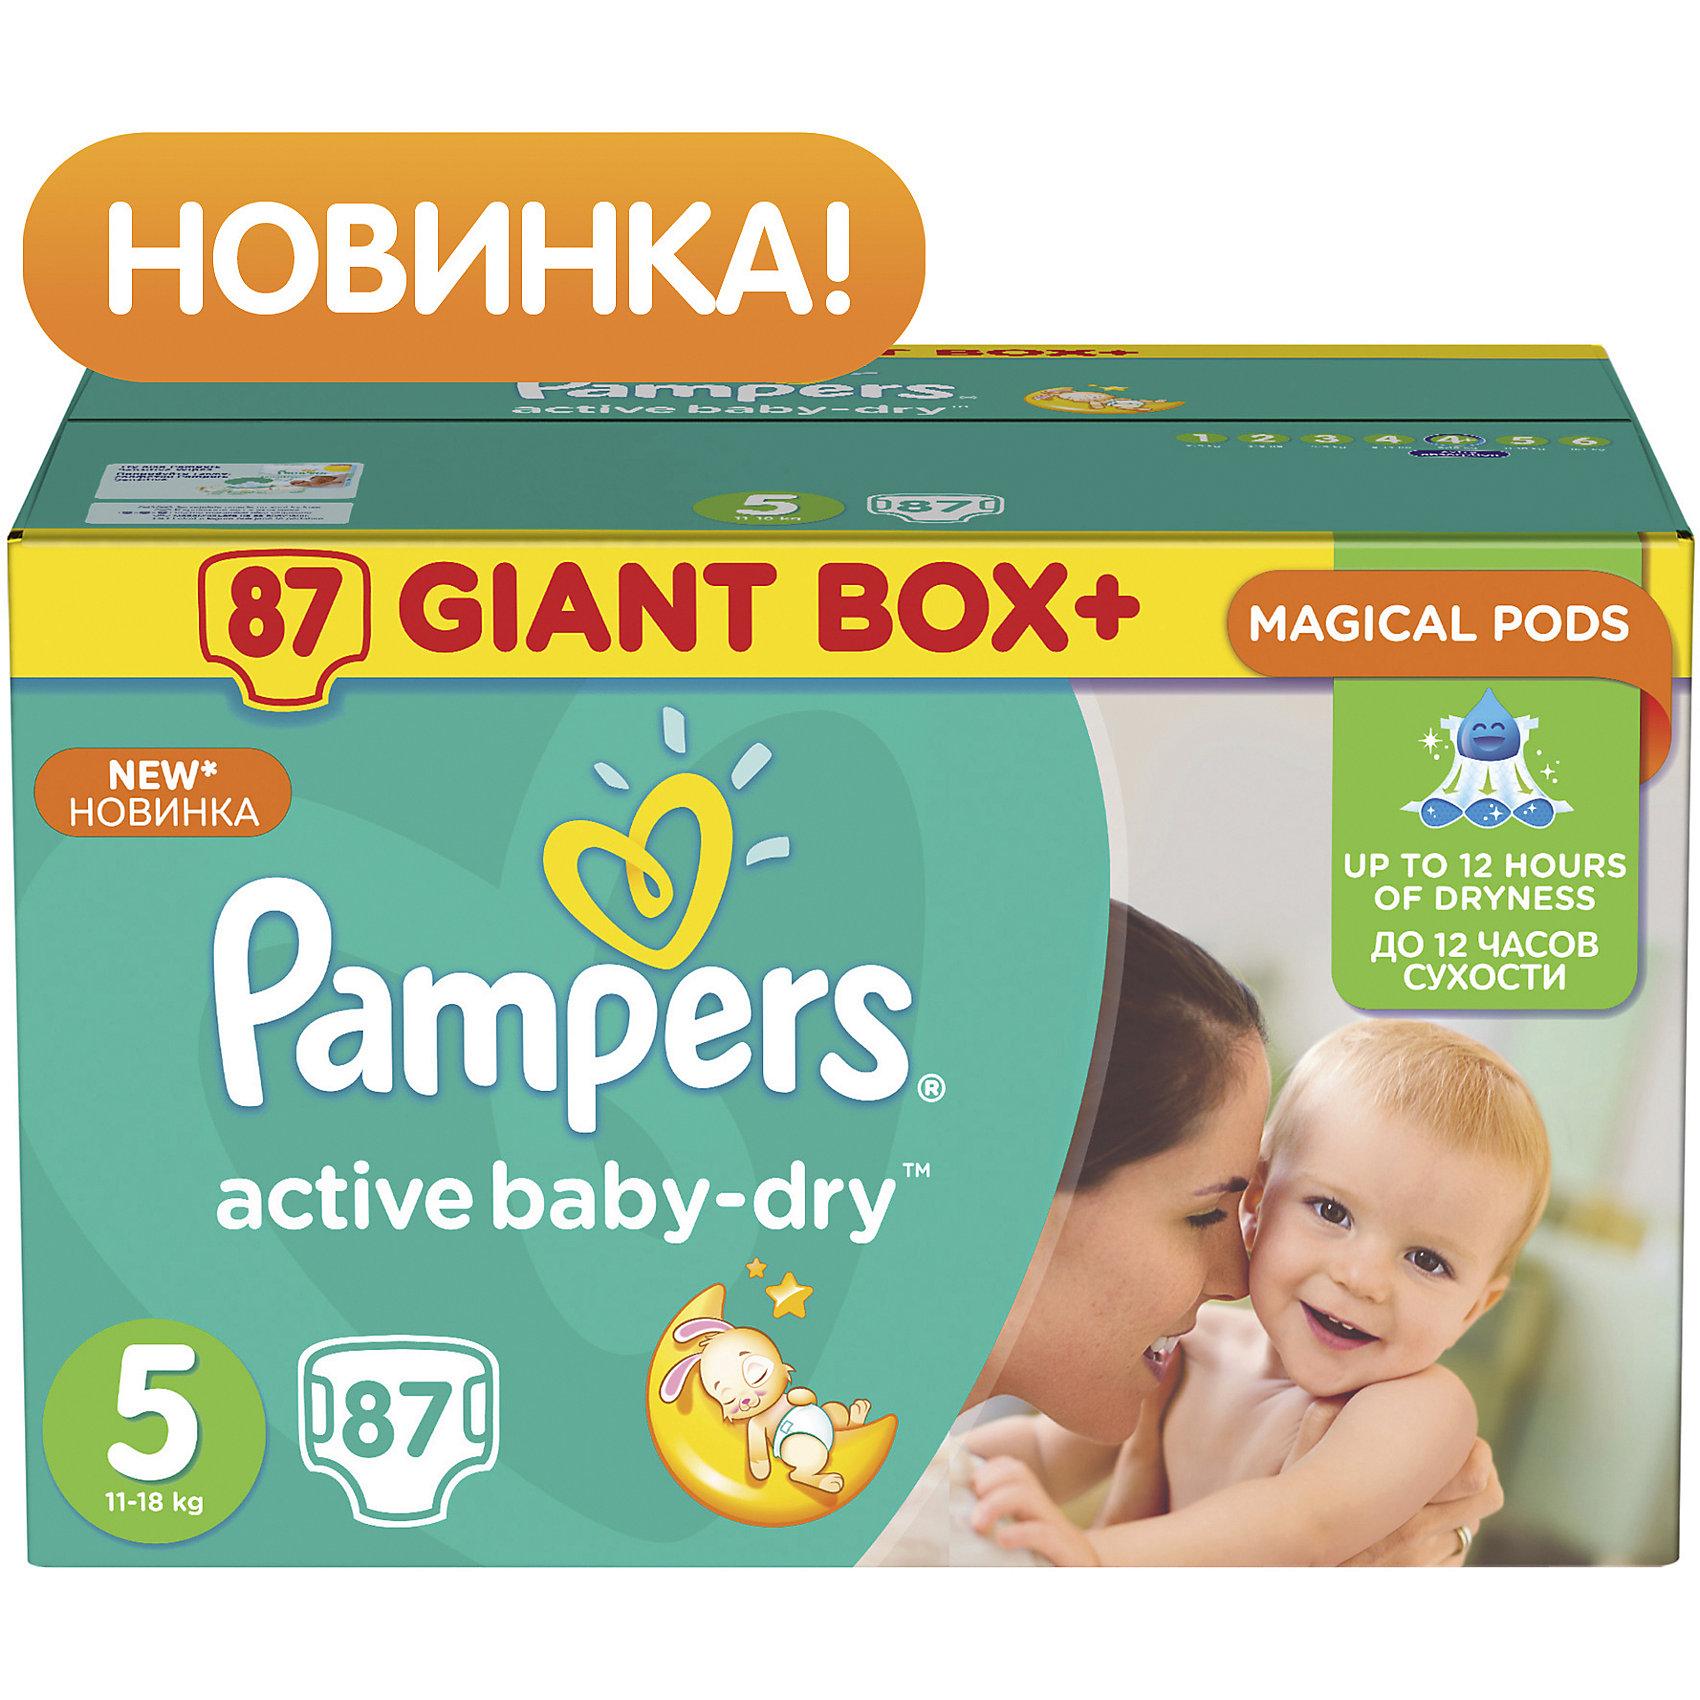 Подгузники Pampers Active Baby-Dry, 11-18 кг, 5 размер, 87 шт., PampersПодгузники классические<br>Характеристики:<br><br>• Пол: универсальный<br>• Тип подгузника: одноразовый<br>• Коллекция: Active Baby-Dry<br>• Предназначение: для использования в любое время суток <br>• Размер: 5<br>• Вес ребенка: от 11 до 18 кг<br>• Количество в упаковке: 87 шт.<br>• Упаковка: картонная коробка<br>• Размер упаковки: 36,9*24,7*26,6 см<br>• Вес в упаковке: 3 кг 543 г<br>• Эластичные застежки-липучки<br>• Быстро впитывающий слой<br>• Мягкий верхний слой<br>• Сохранение сухости в течение 12-ти часов<br><br>Подгузники Pampers Active Baby-Dry, 11-18 кг, 5 размер, 87 шт., Pampers – это линейка классических детских подгузников от Pampers, которая сочетает в себе качество и безопасность материалов, удобство использования и комфорт для нежной кожи малыша. Подгузники предназначены для детей весом до 18 кг. Инновационные технологии и современные материалы обеспечивают этим подгузникам Дышащие свойства, что особенно важно для кожи малыша. <br><br>Впитывающие свойства изделию обеспечивает уникальный слой, состоящий из жемчужных микрогранул. У подгузников предусмотрена эластичная мягкая резиночка на спинке. Широкие липучки с двух сторон обеспечивают надежную фиксацию. Подгузник имеет мягкий верхний слой, который обеспечивает не только комфорт, но и защищает кожу ребенка от раздражений. Подгузник подходит как для мальчиков, так и для девочек. <br><br>Подгузники Pampers Active Baby-Dry, 11-18 кг, 5 размер, 87 шт., Pampers можно купить в нашем интернет-магазине.<br><br>Ширина мм: 369<br>Глубина мм: 247<br>Высота мм: 266<br>Вес г: 3543<br>Возраст от месяцев: 12<br>Возраст до месяцев: 36<br>Пол: Унисекс<br>Возраст: Детский<br>SKU: 5419086